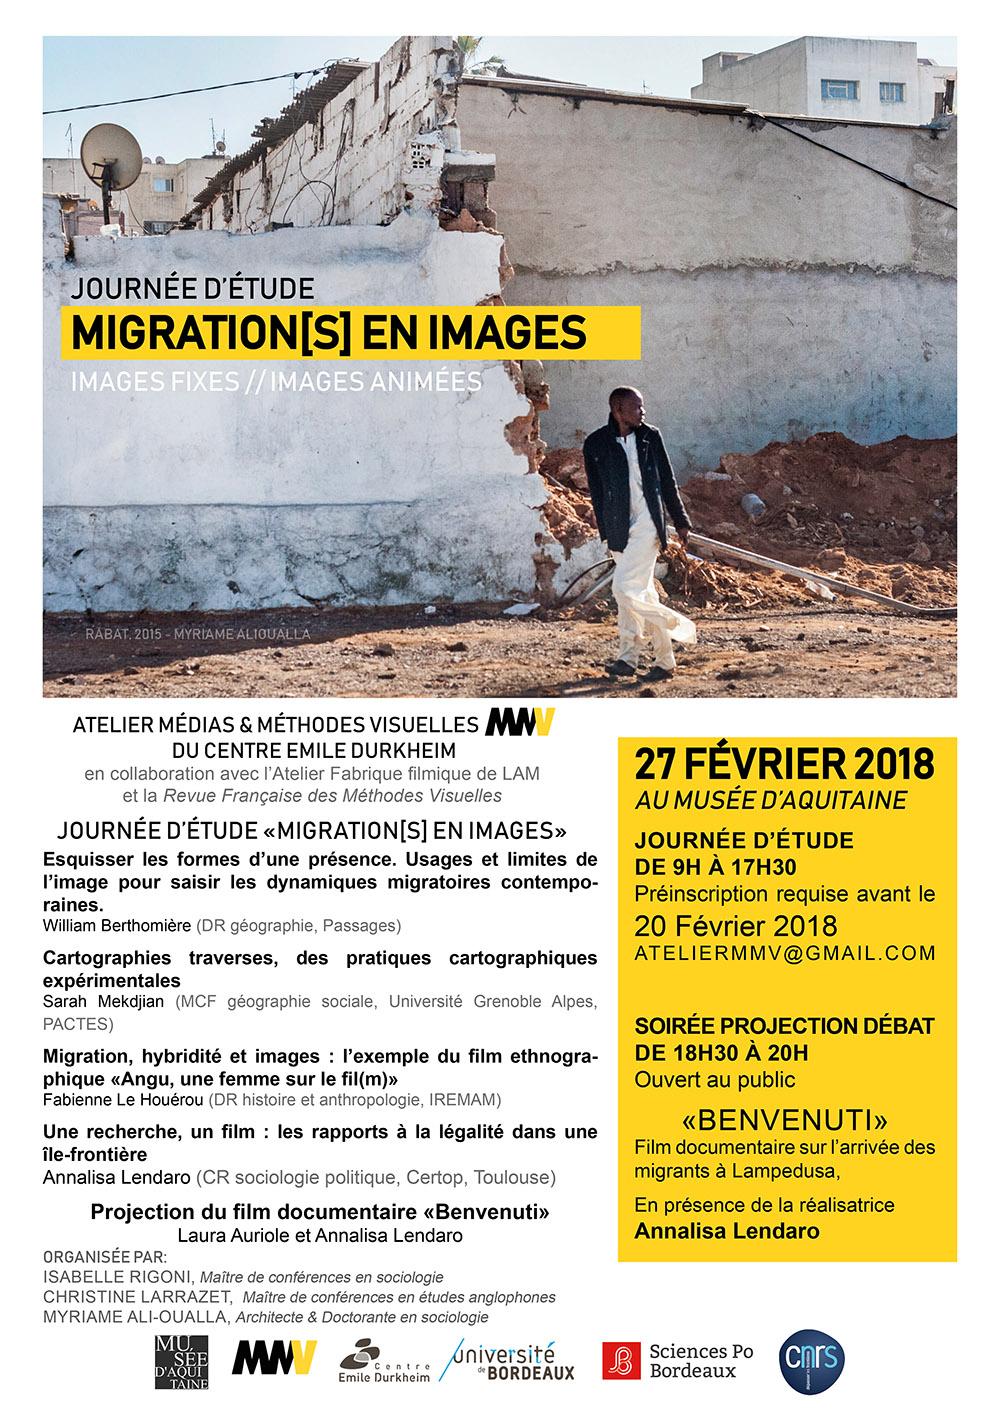 Journée d'étude Migration[s] en images | 27/02/2018 | Musée d'Aquitaine